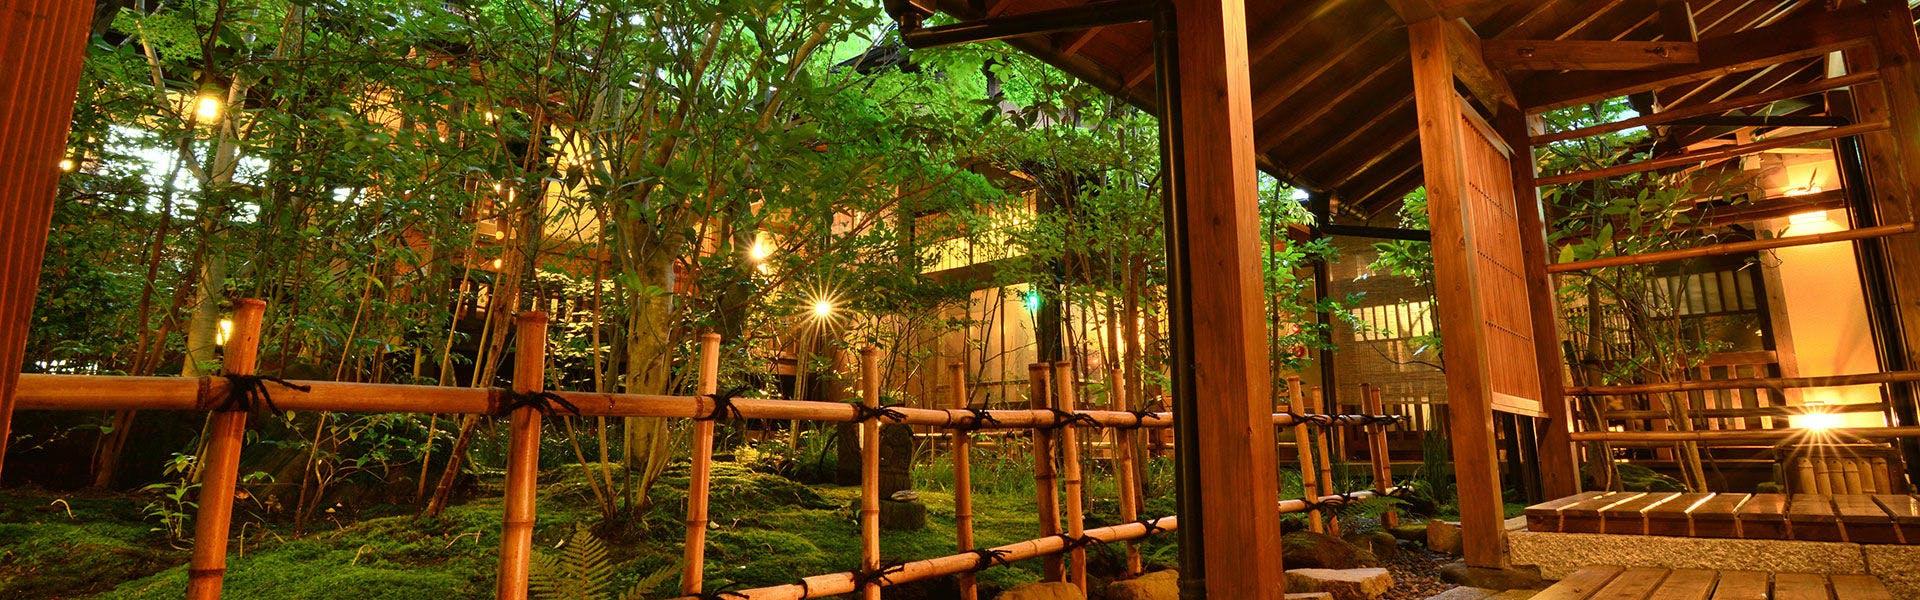 記念日におすすめのホテル・黒川温泉 お宿 のし湯の写真2